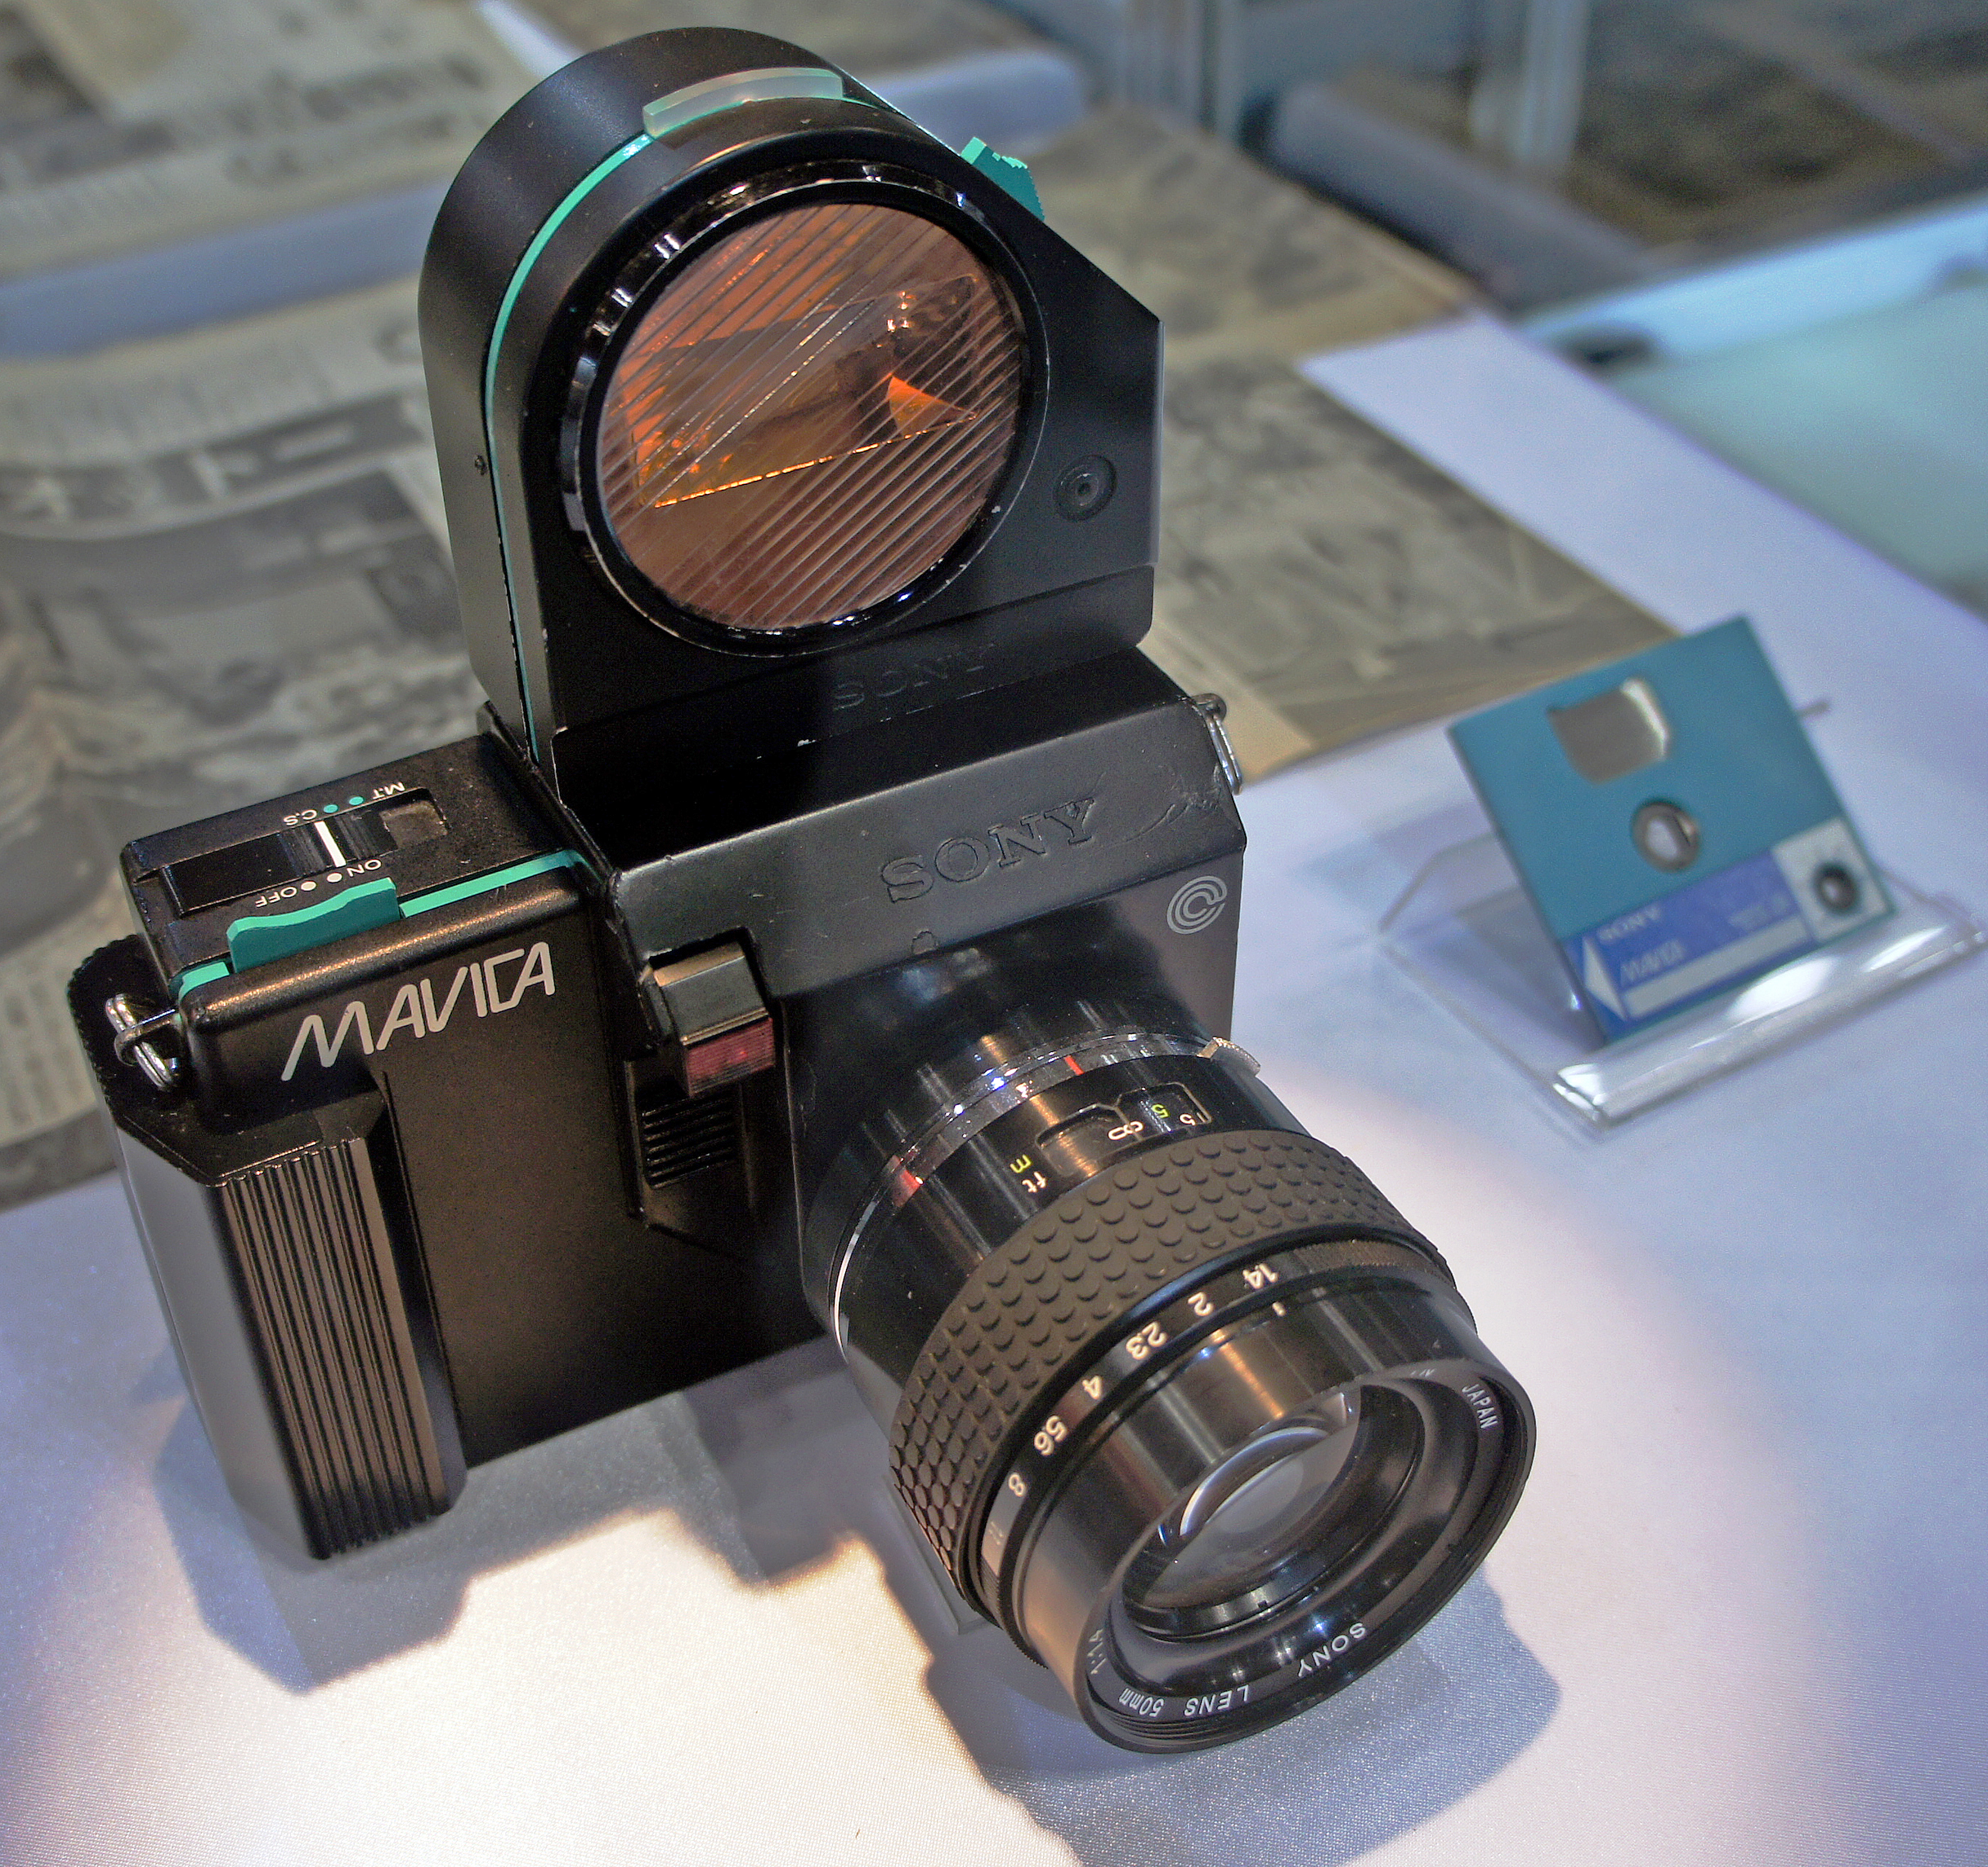 Sony Mavica - Wikipedia